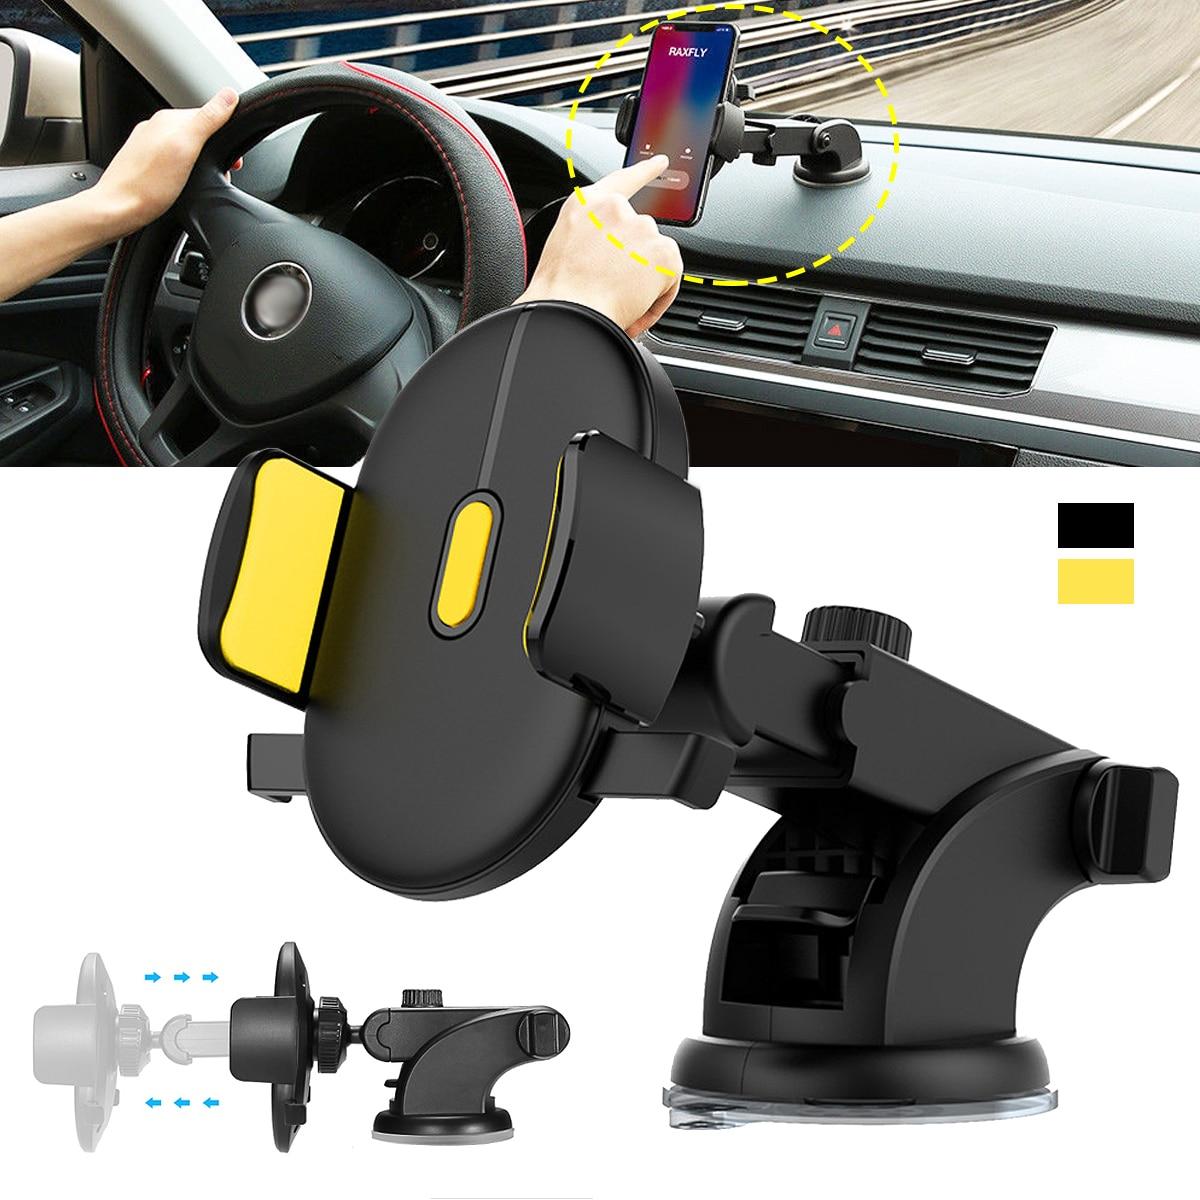 Ajustável Phone Holder Mount Windshield Co-piloto de Bloqueamento automático Suporte Do Telefone Do Carro Universal Auto Acessórios Interiores